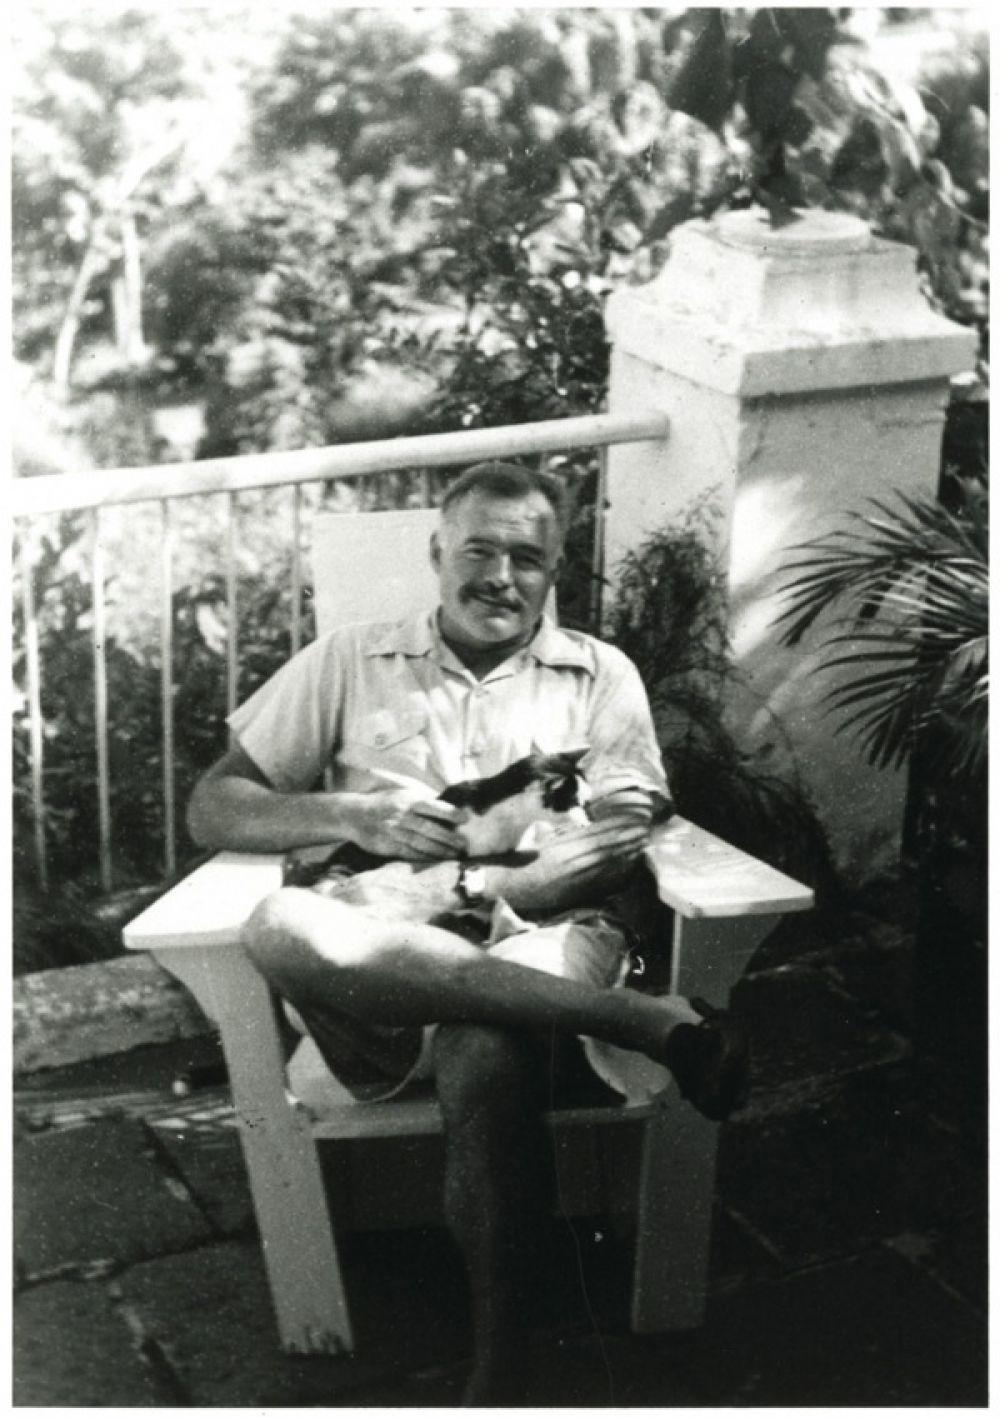 Американский писатель Эрнест Хемингуэй любил не только литературу. Ещё он очень любил кошек. К 1945 году у него дома обитали 23 этих животных.